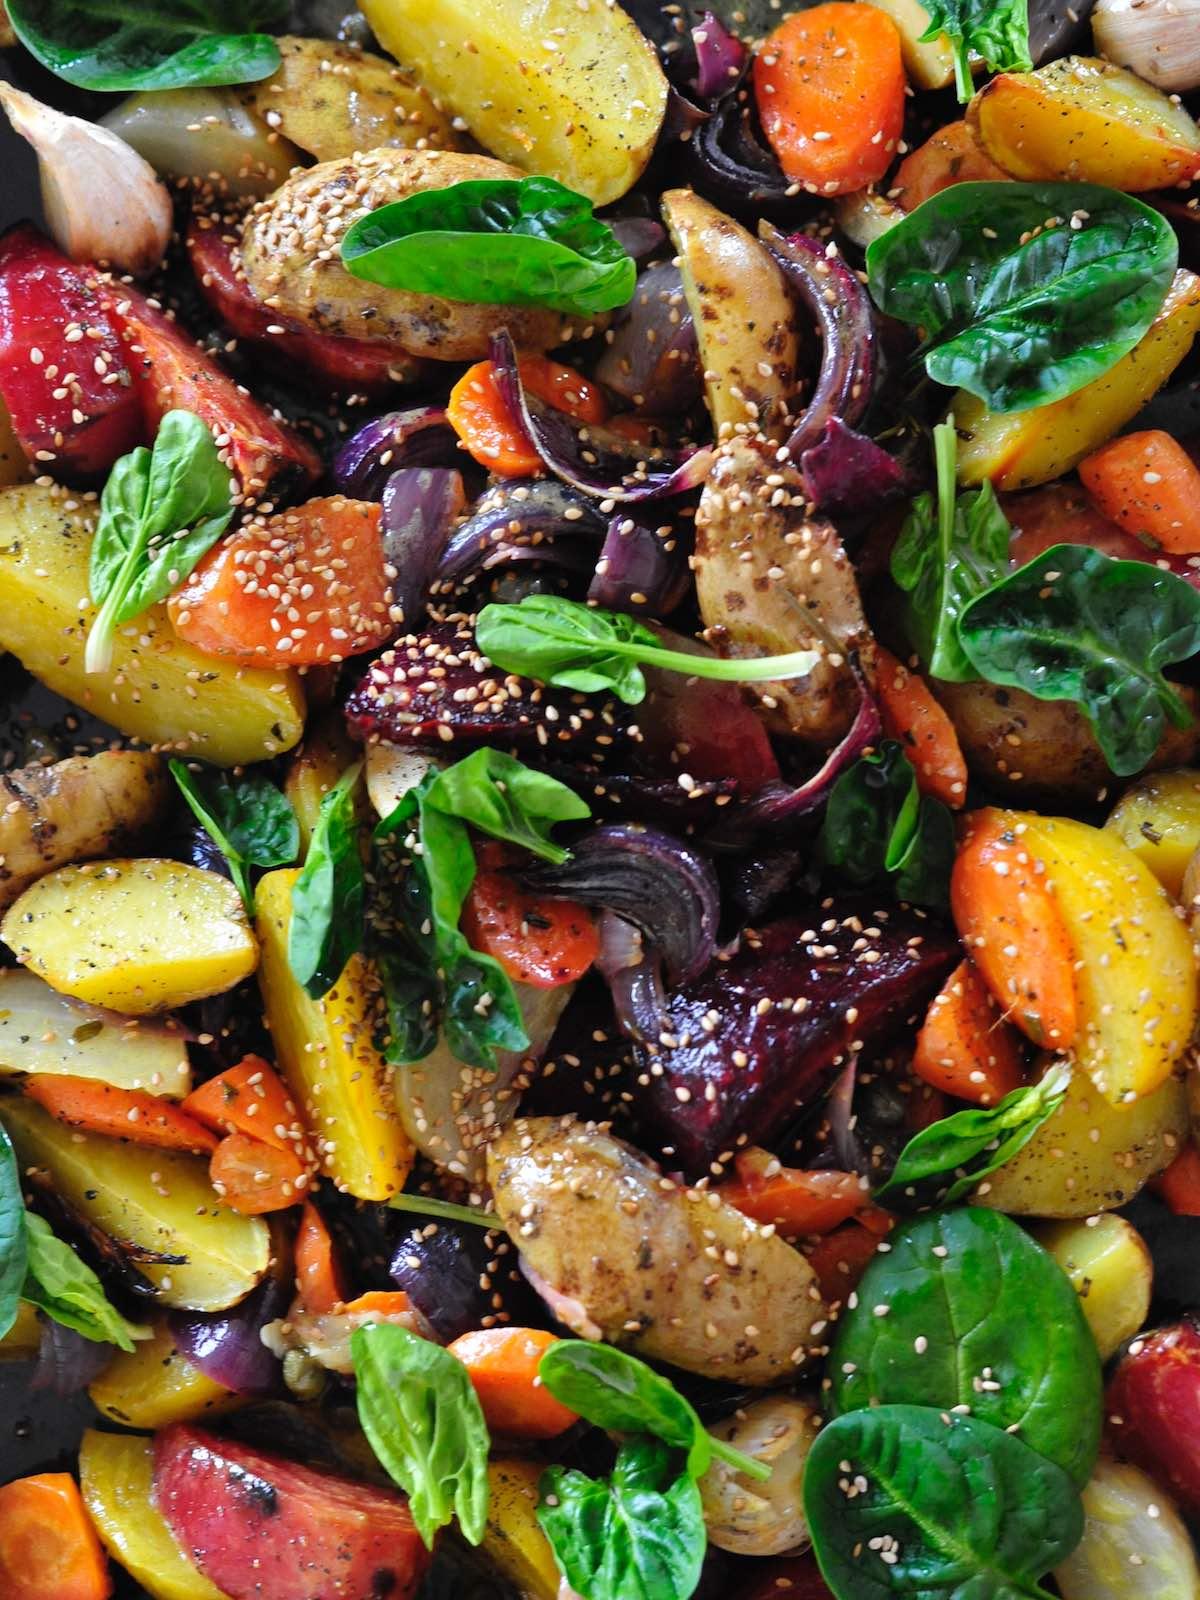 Gebackenes Gemüse mit Kapern, roter Beete, Kartoffeln, Möhren, Zwiebeln, Spinat